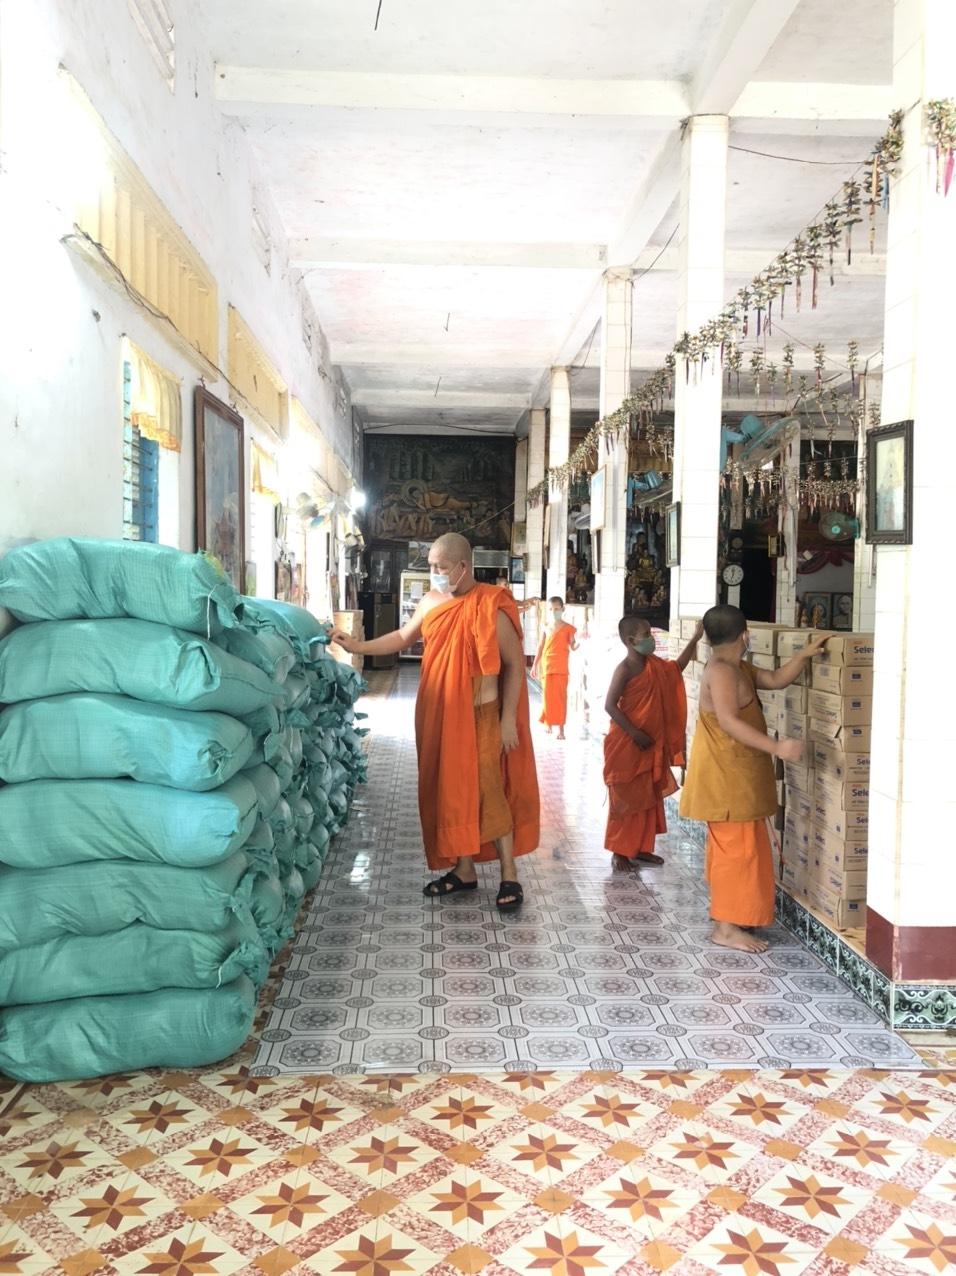 Thượng tọa Lý Minh Đức cùng các sư sãi chùa Som Rông chuẩn bị quà chuyển đến xã Vĩnh Hải